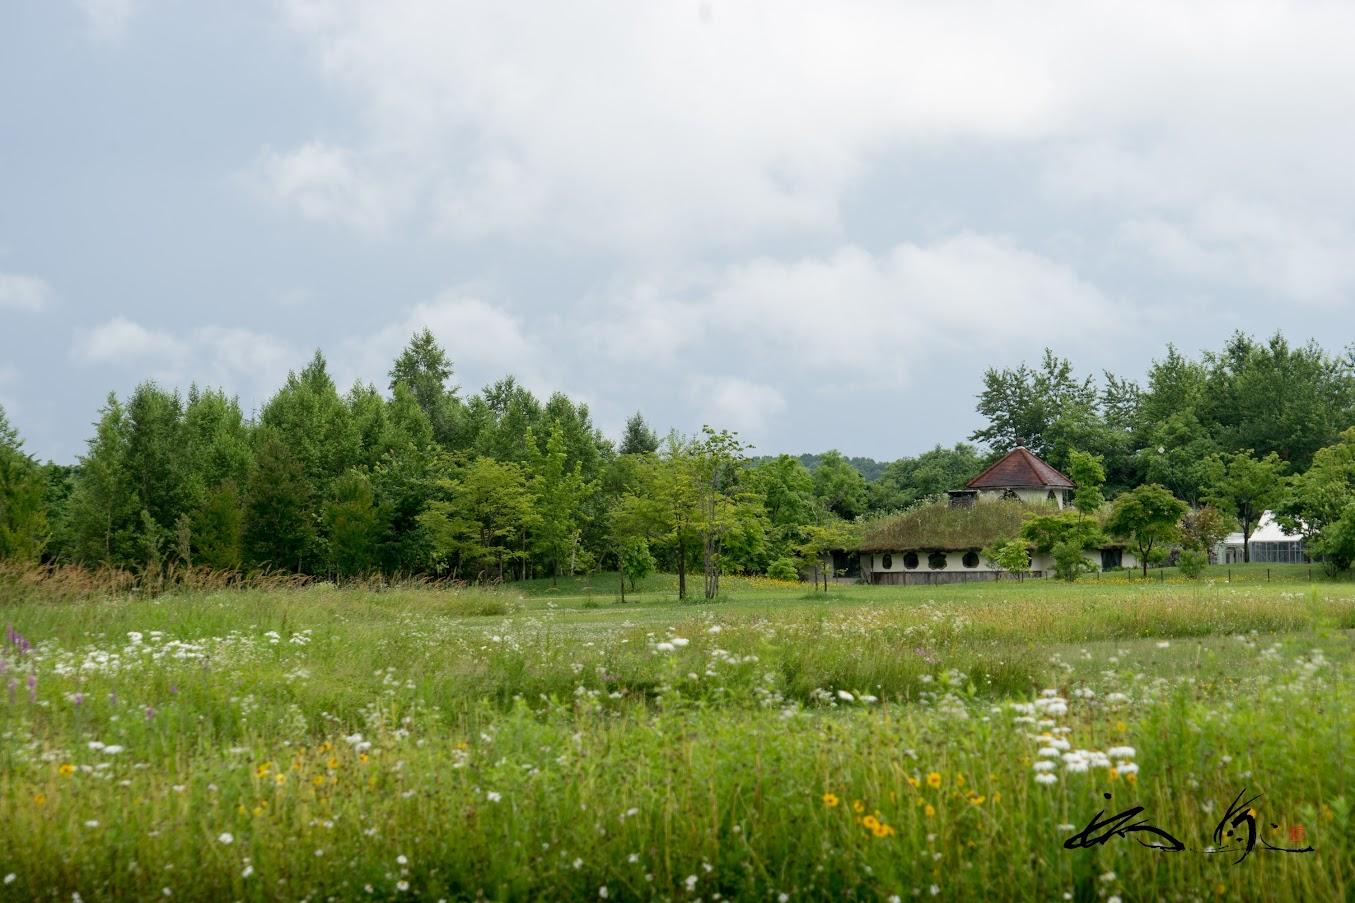 遠くに森のレストラン「天満」を望む風景